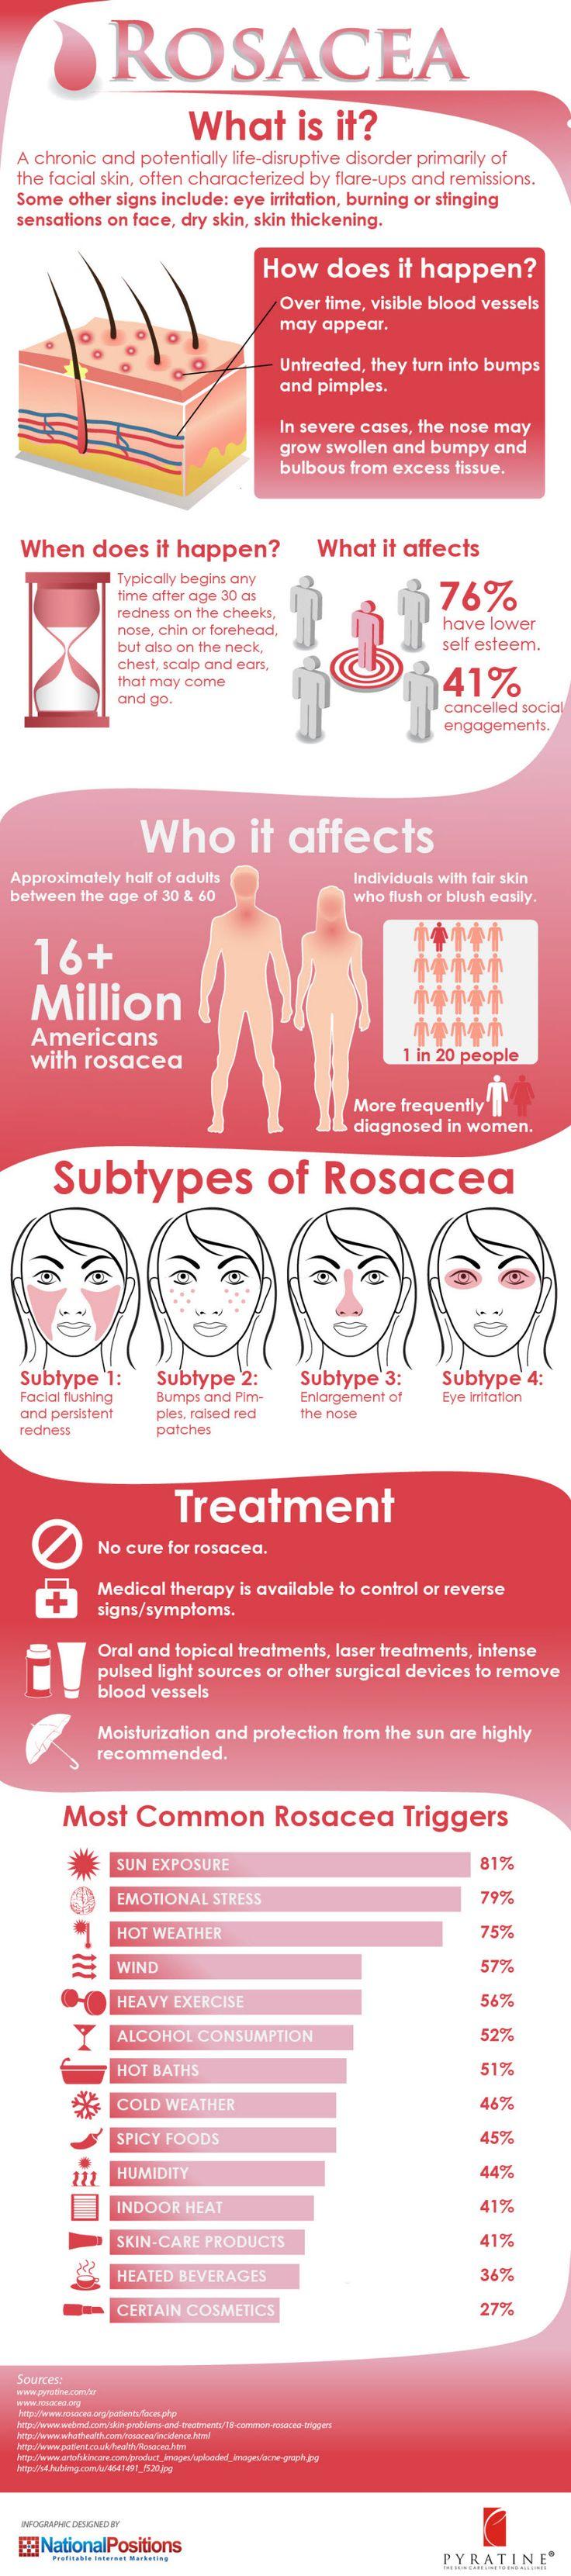 9 best Rosacea images on Pinterest | Acne rosacea, Rosacea ...